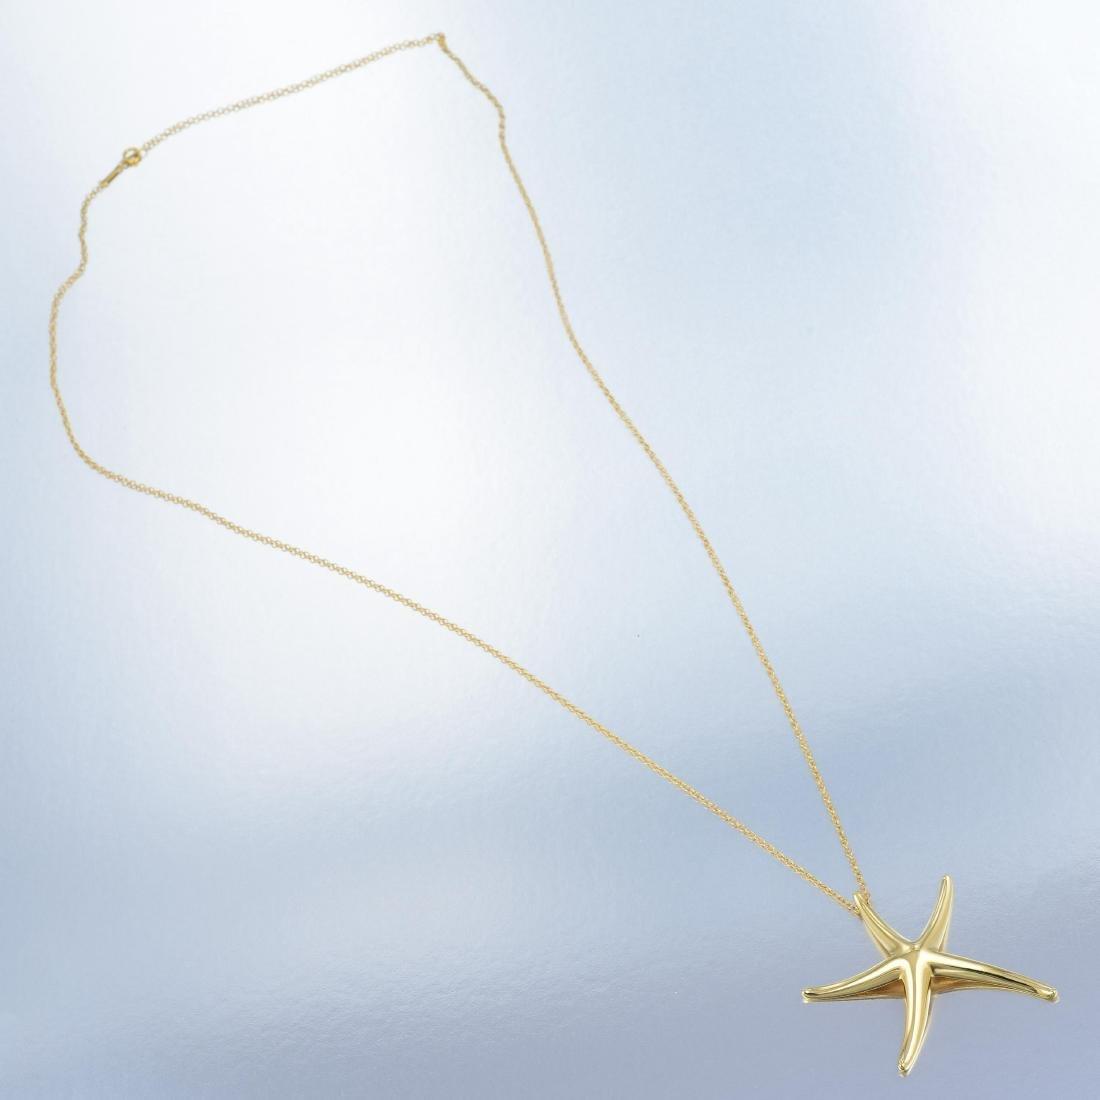 Tiffany & Co. Elsa Peretti Starfish Pendant Necklace - 5